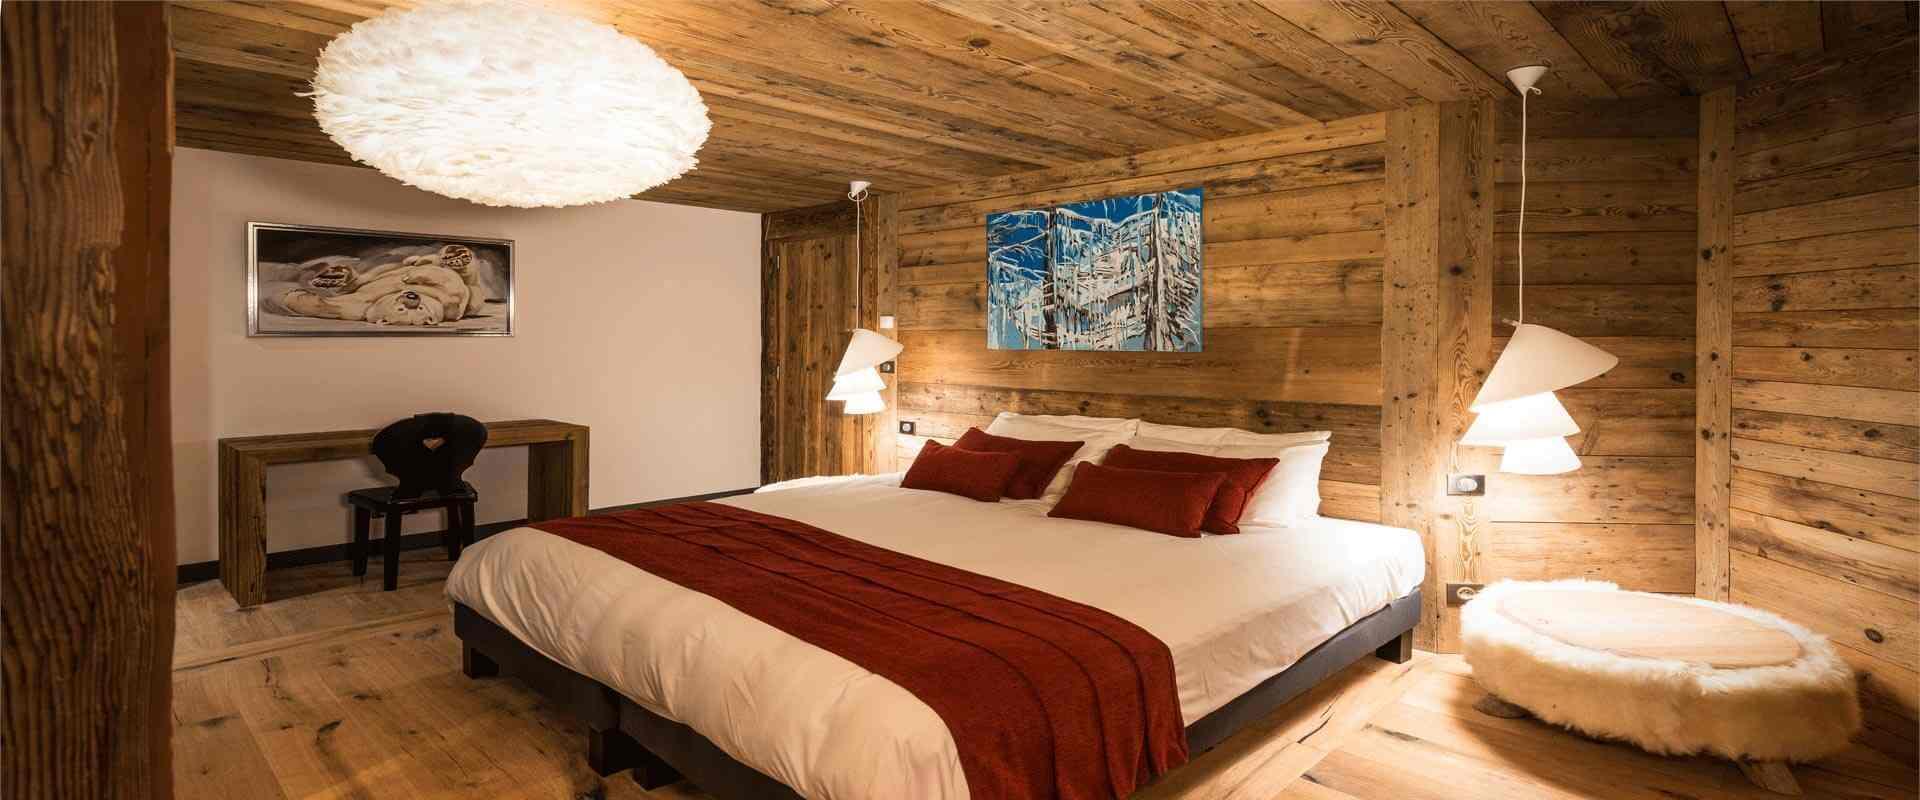 Rent chalet La Face in Val d\'Isère   Les chalets Covarel